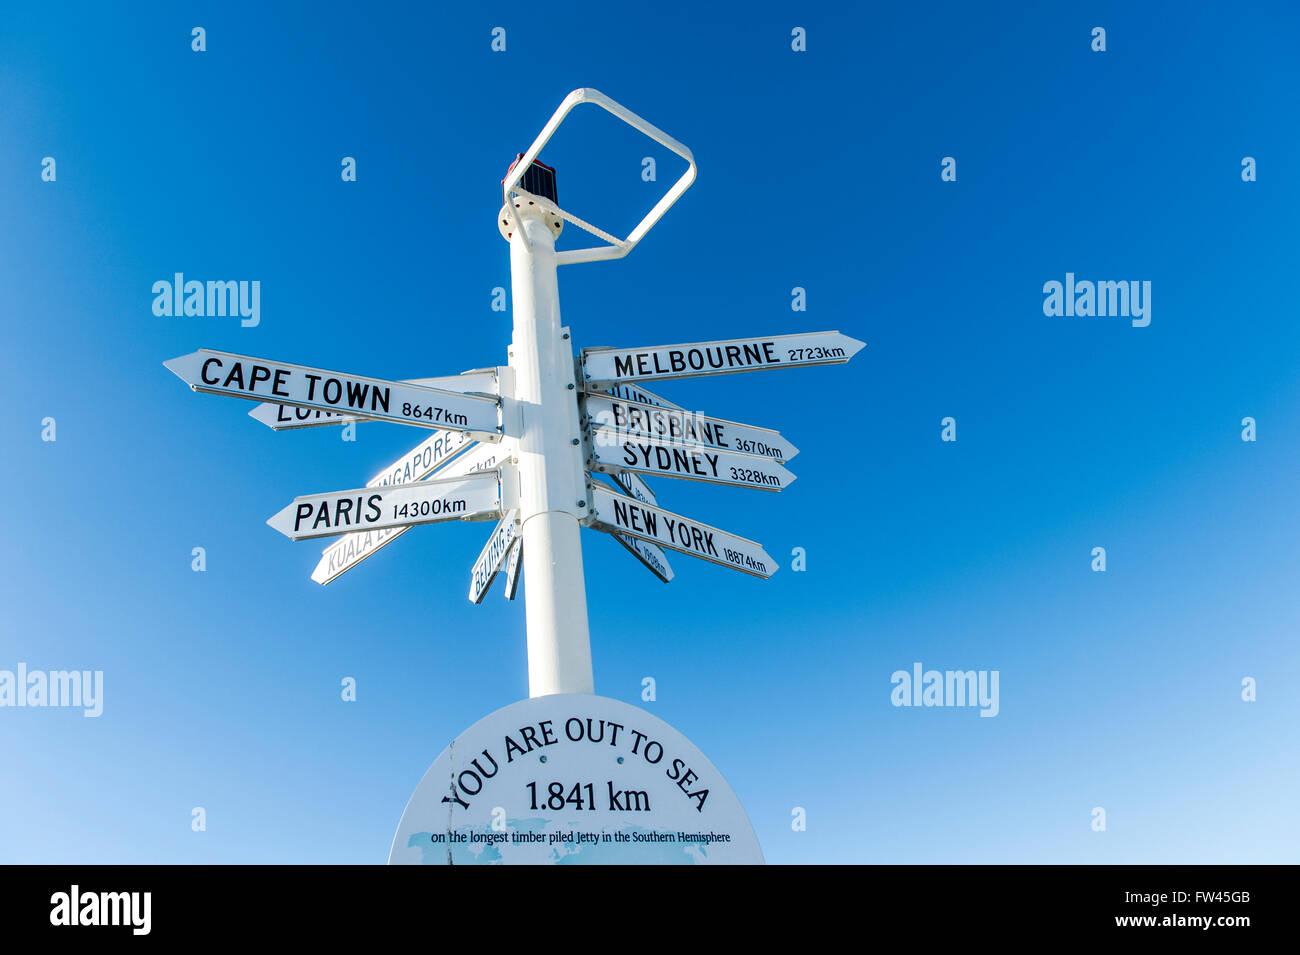 Marcatore per città del mondo, che segna la fine della lunga jetty nell'emisfero australe, Busselton, Australia Foto Stock